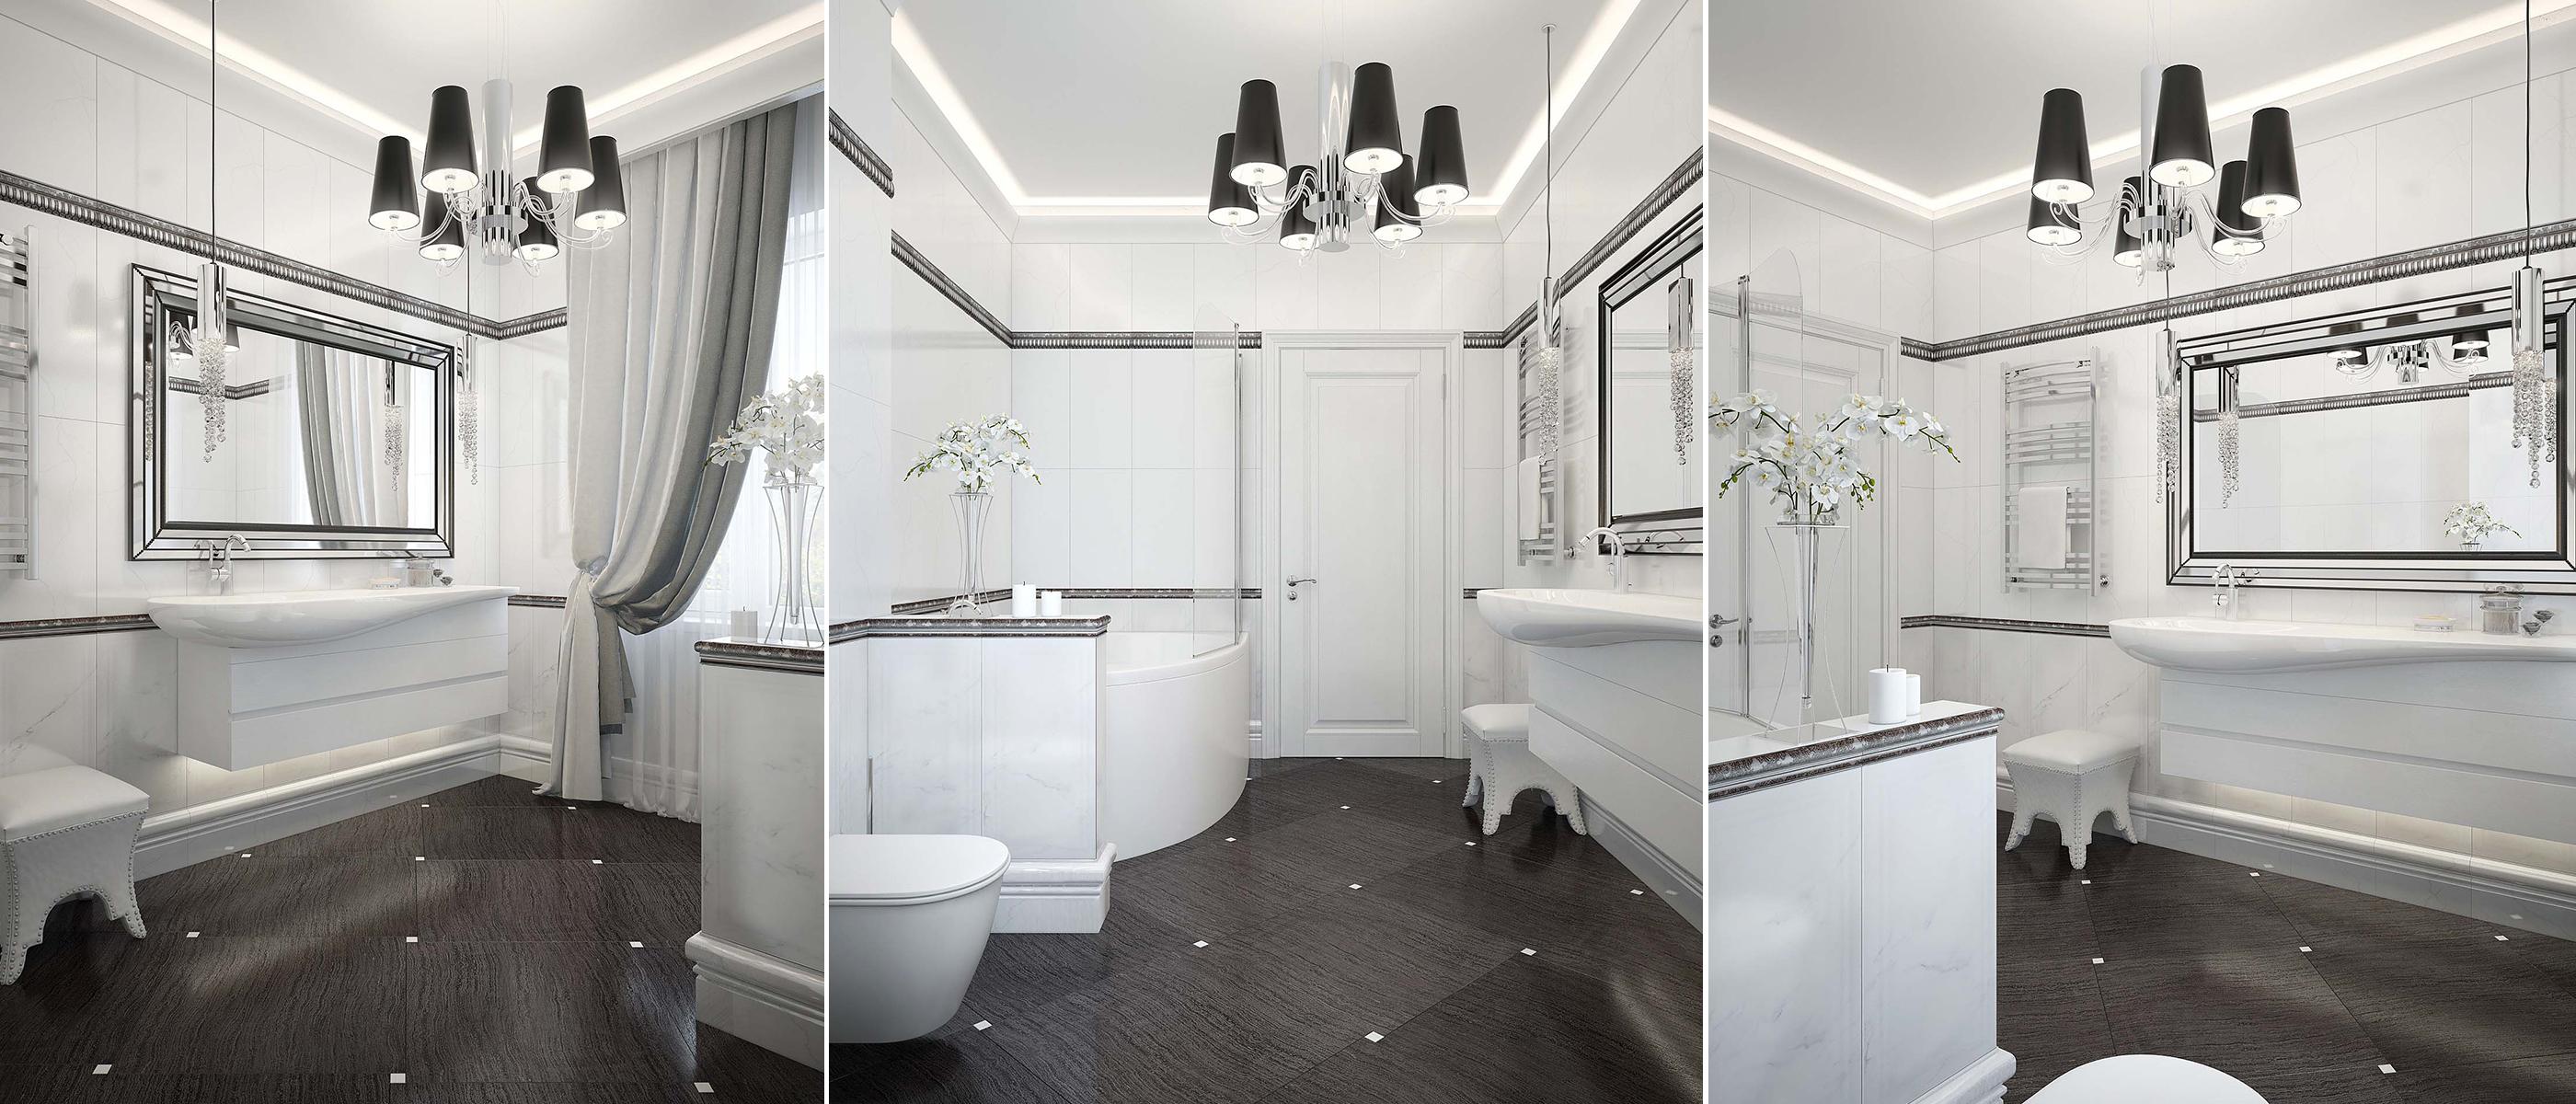 Дизайн интерьера ванной комнаты 1 этажа